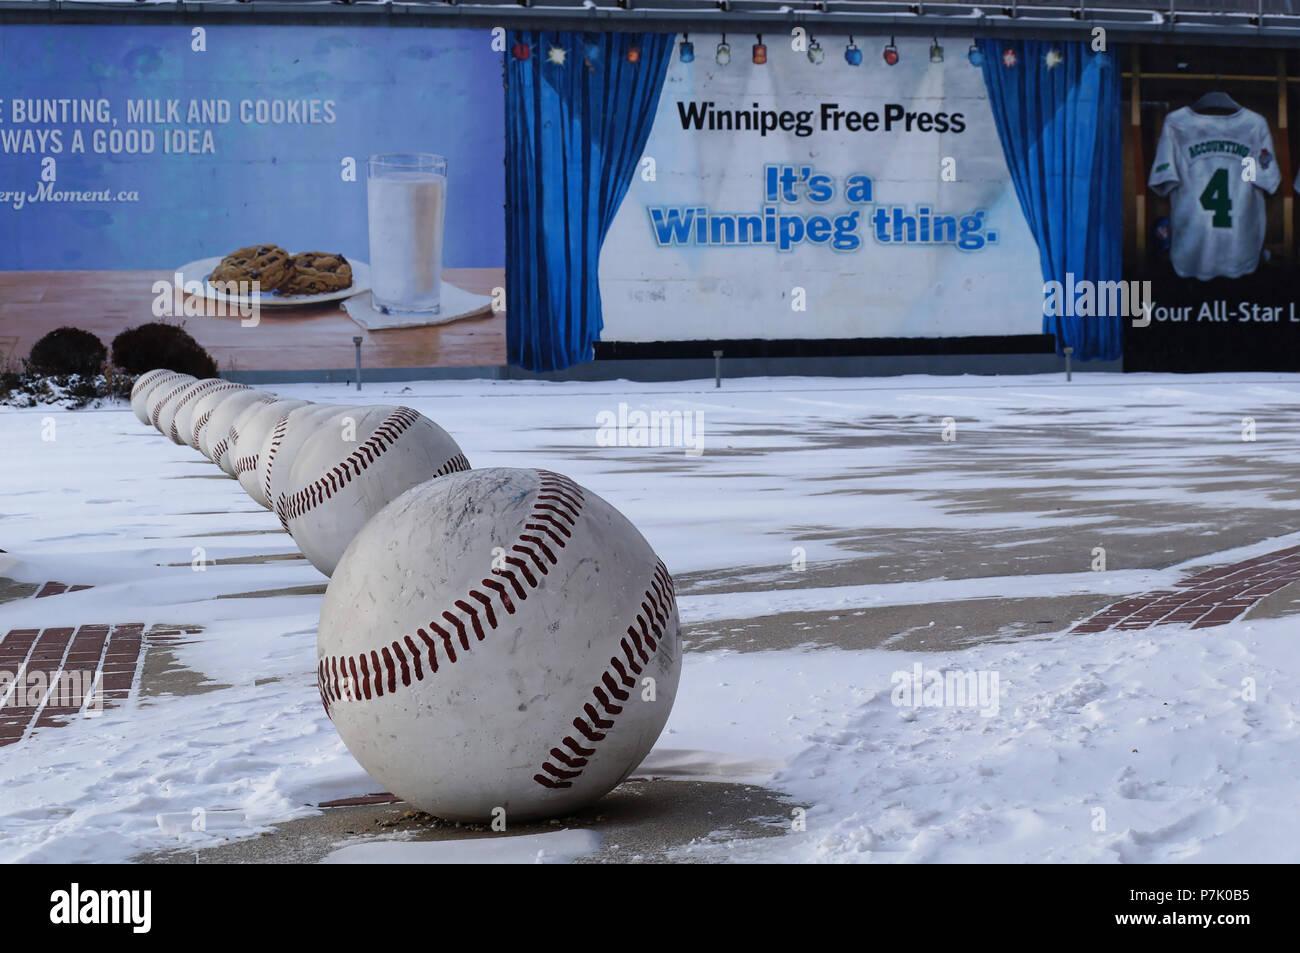 WINNIPEG, Canadá - 2014-11-18: Street Art, instalación de pelotas cerca de Winnipeg Goldeyes club de béisbol. El Winnipeg Goldeyes son un equipo de béisbol profesional basado en Winnipeg, Manitoba, Canadá Foto de stock